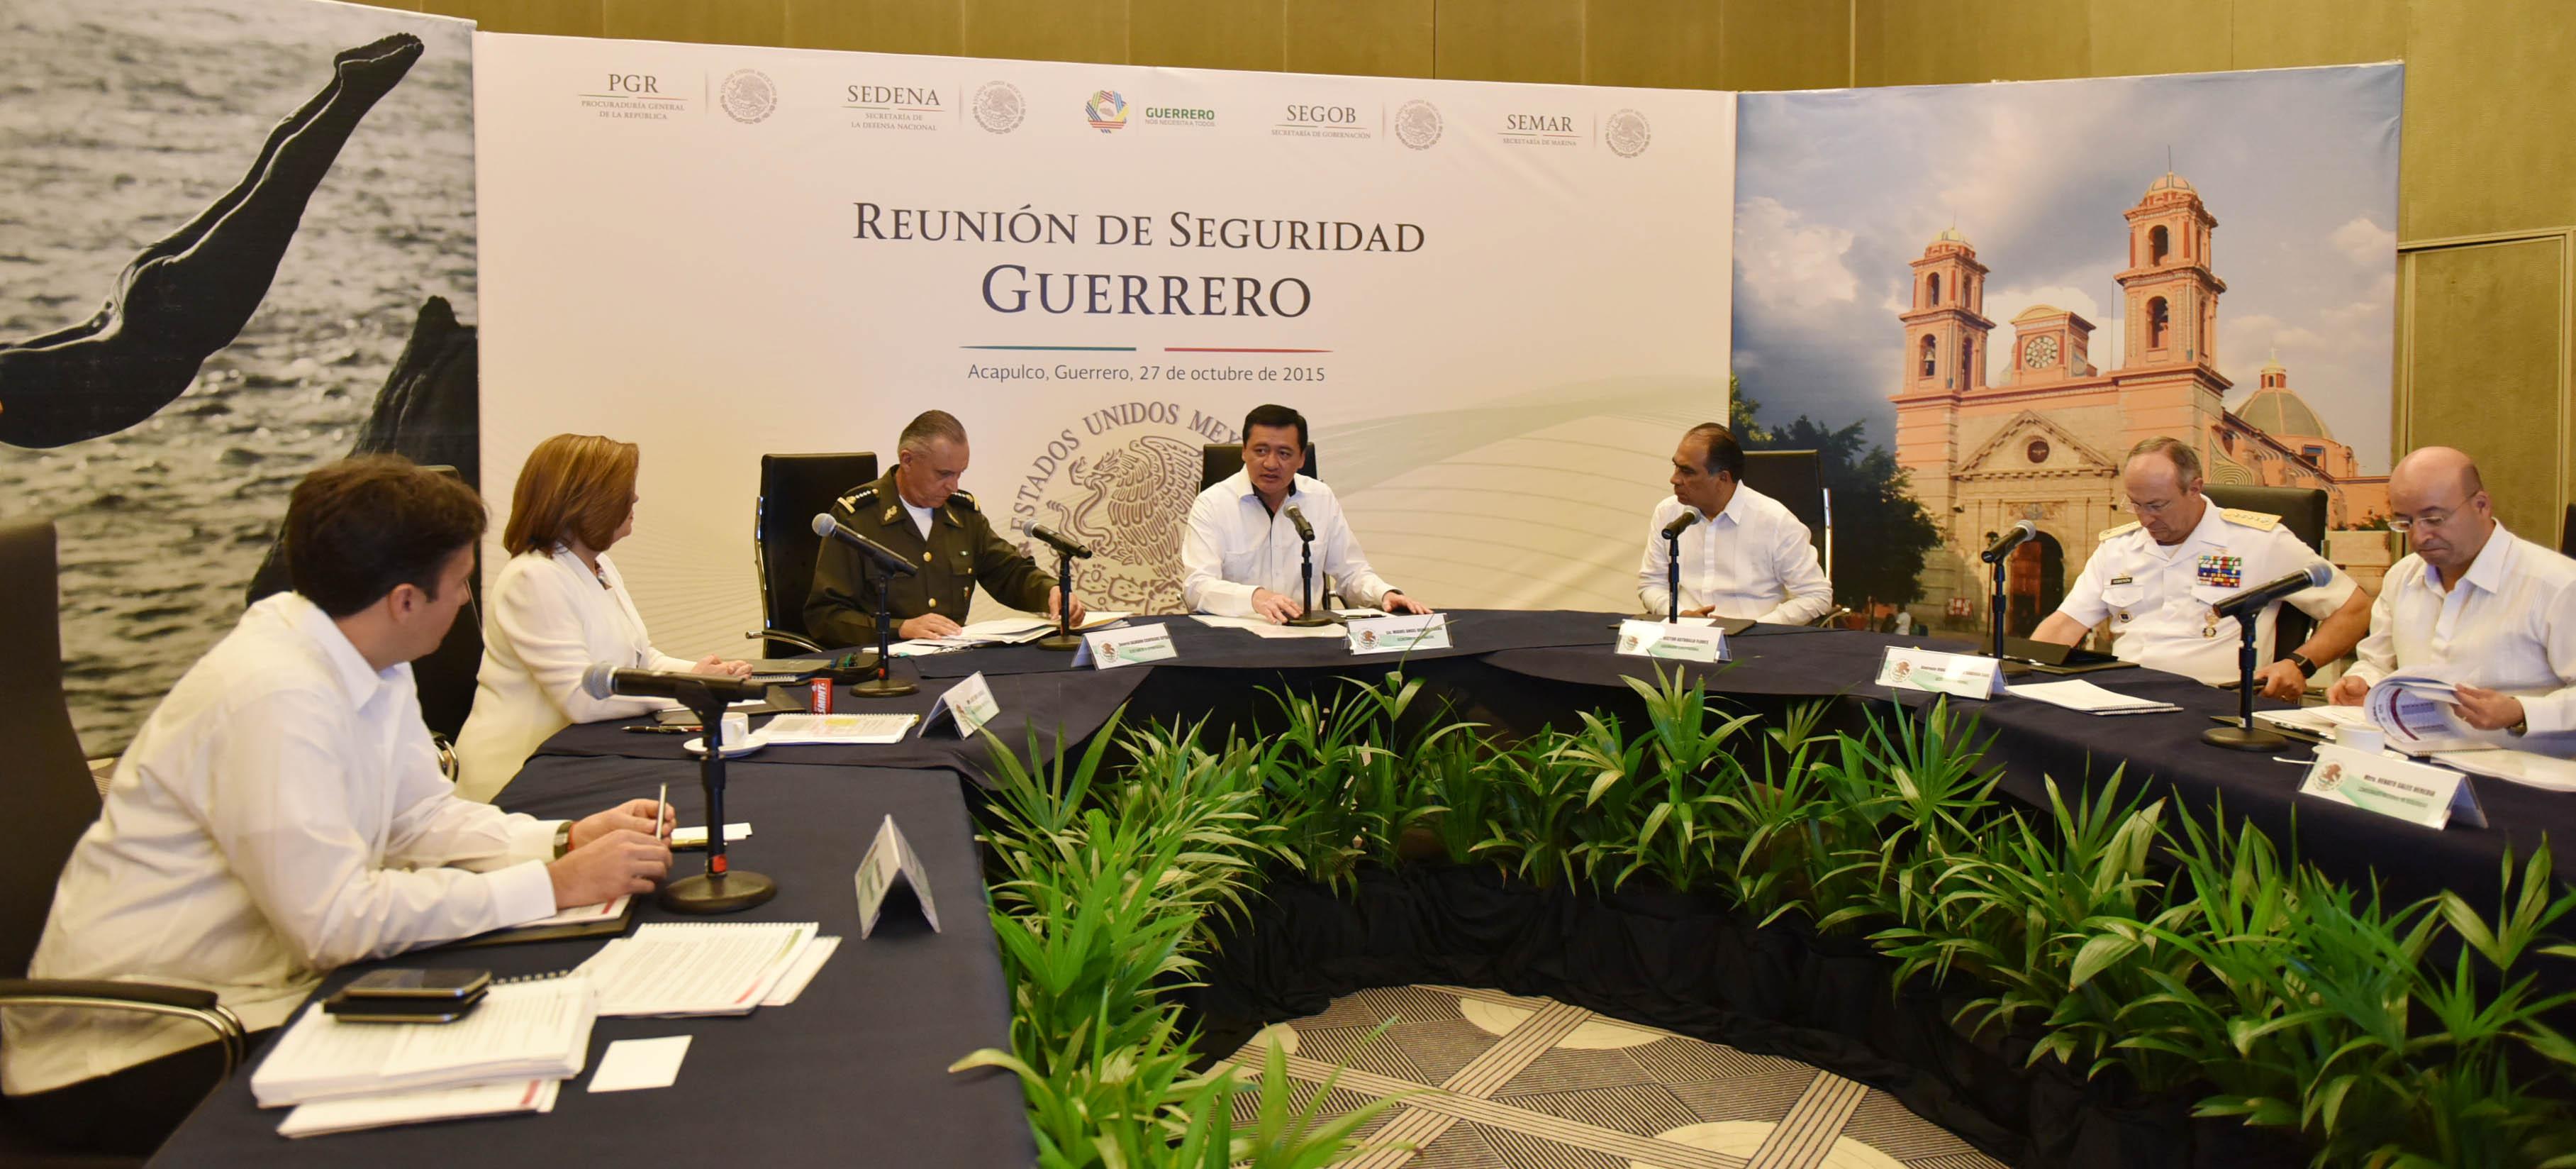 El Secretario de Gobernación, Miguel Ángel Osorio Chong, y el gobernador del estado de Guerrero, Héctor Astudillo, en la Reunión de Seguridad Guerrero, en el municipio de Acapulco, Guerrero.